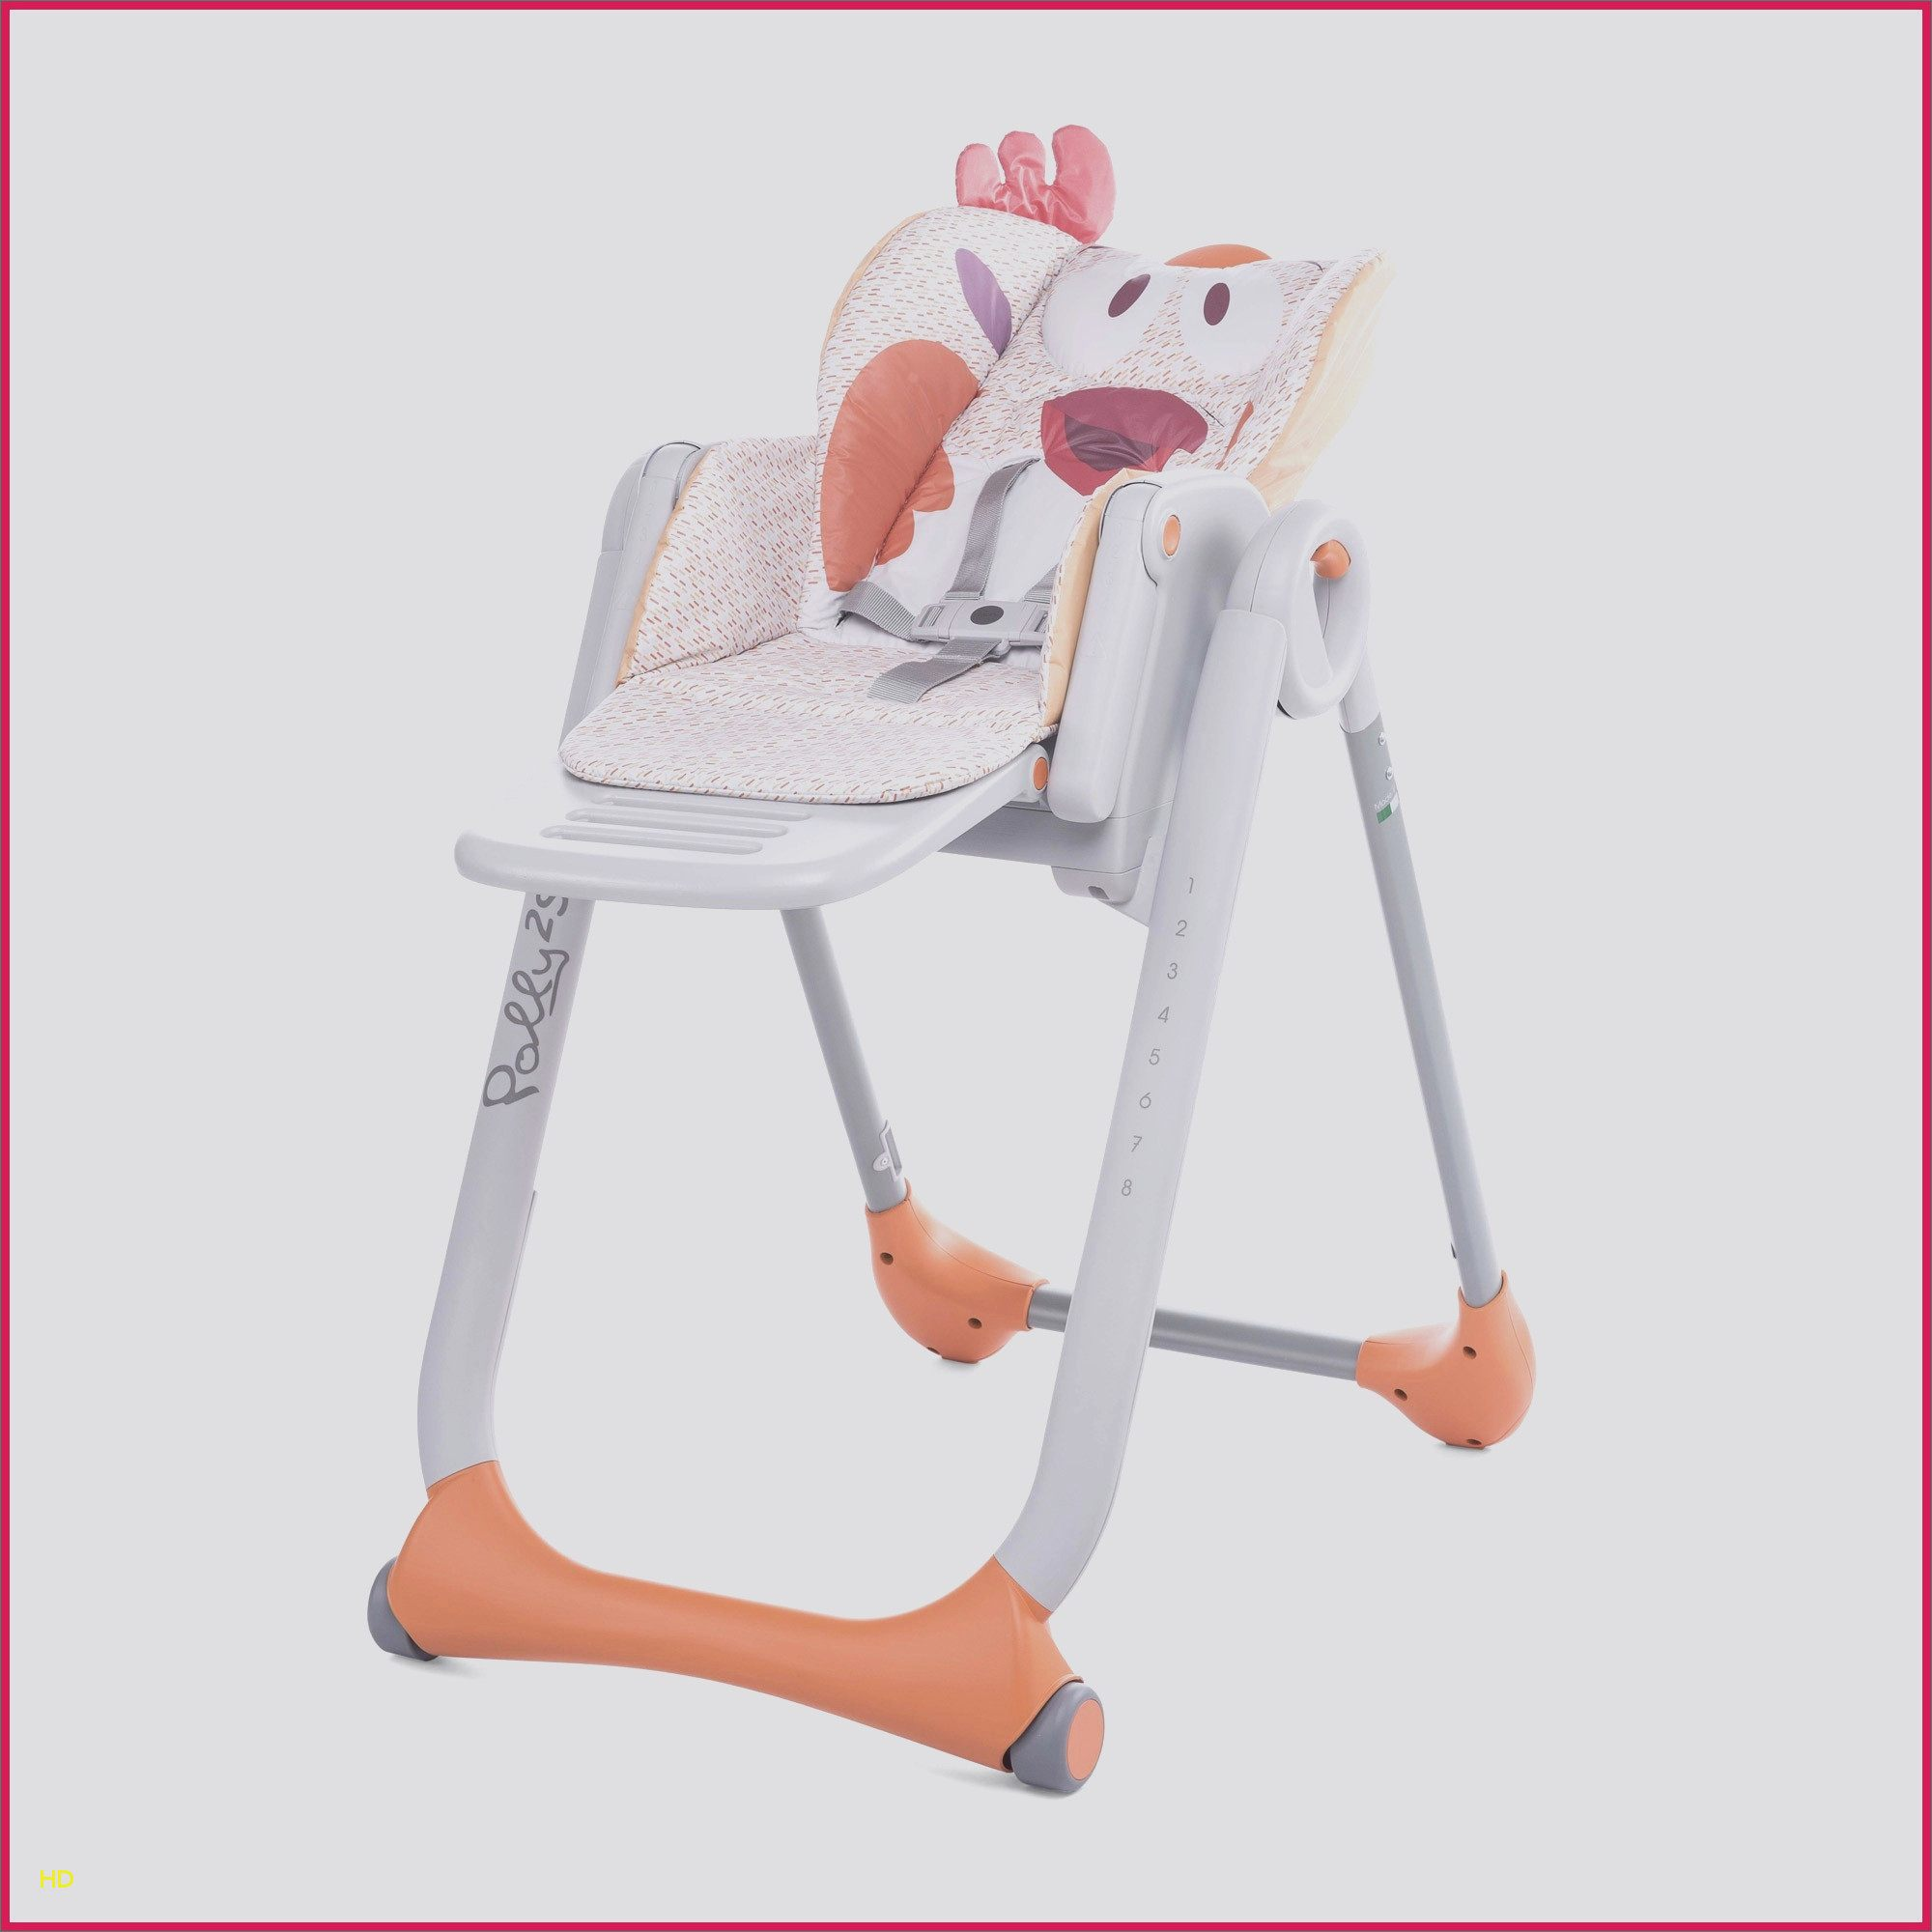 Cache sommier Lit Bébé Unique 23 Luxury Chaise Table Bébé